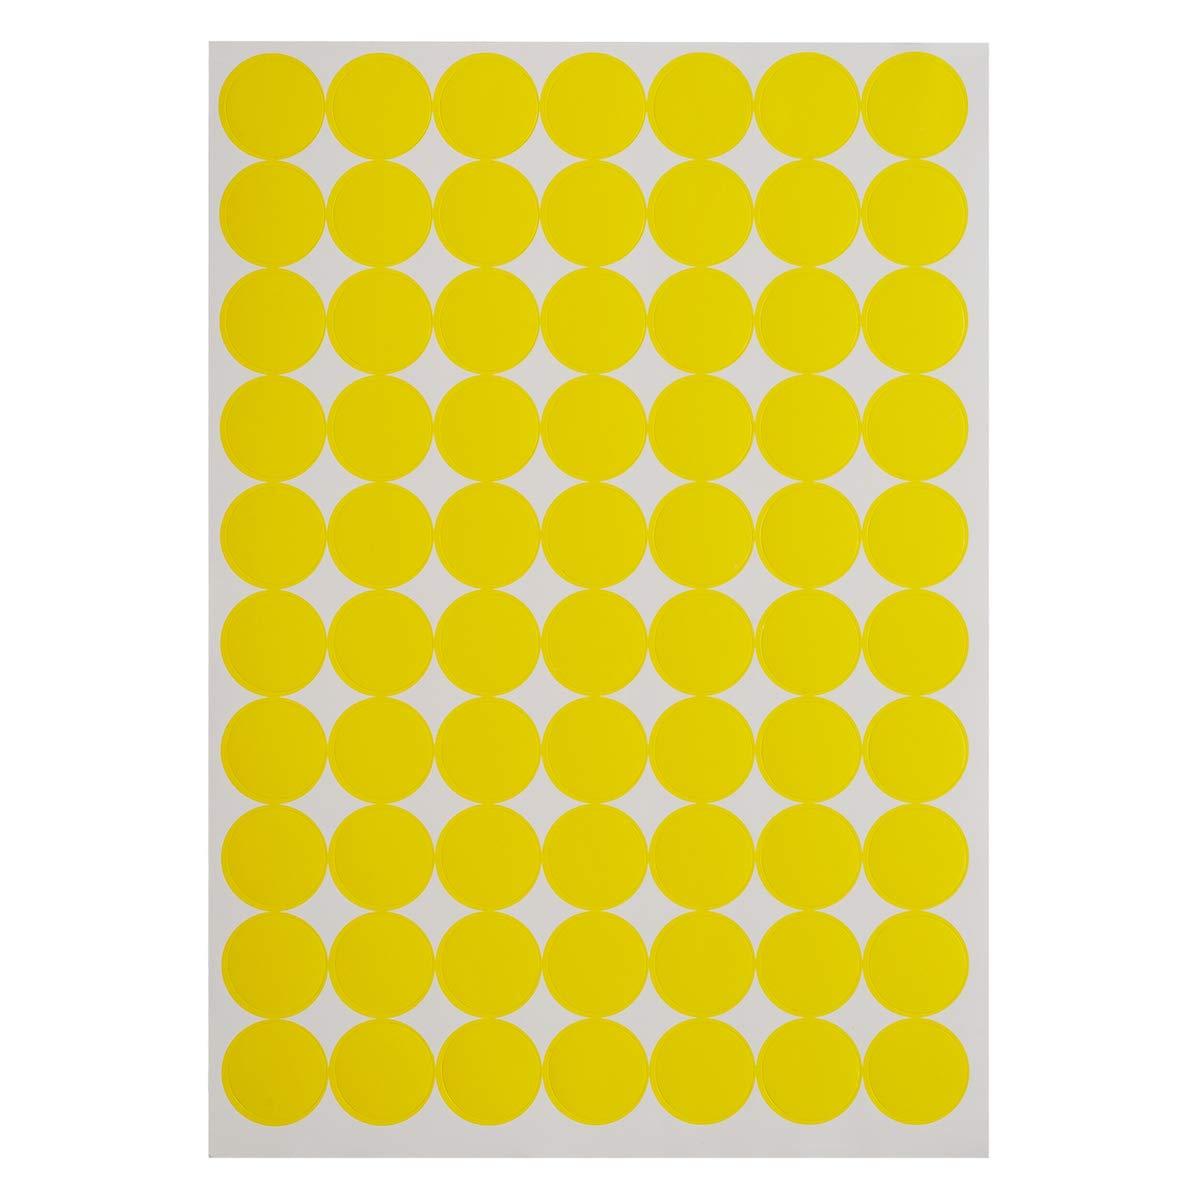 lumineux Orange Onupgo Lot de 1120/2,5/cm Round Dot Stickers Diam/ètre ronds Code couleur Cercle Dot /étiquettes Autocollant onglet /étiquettes